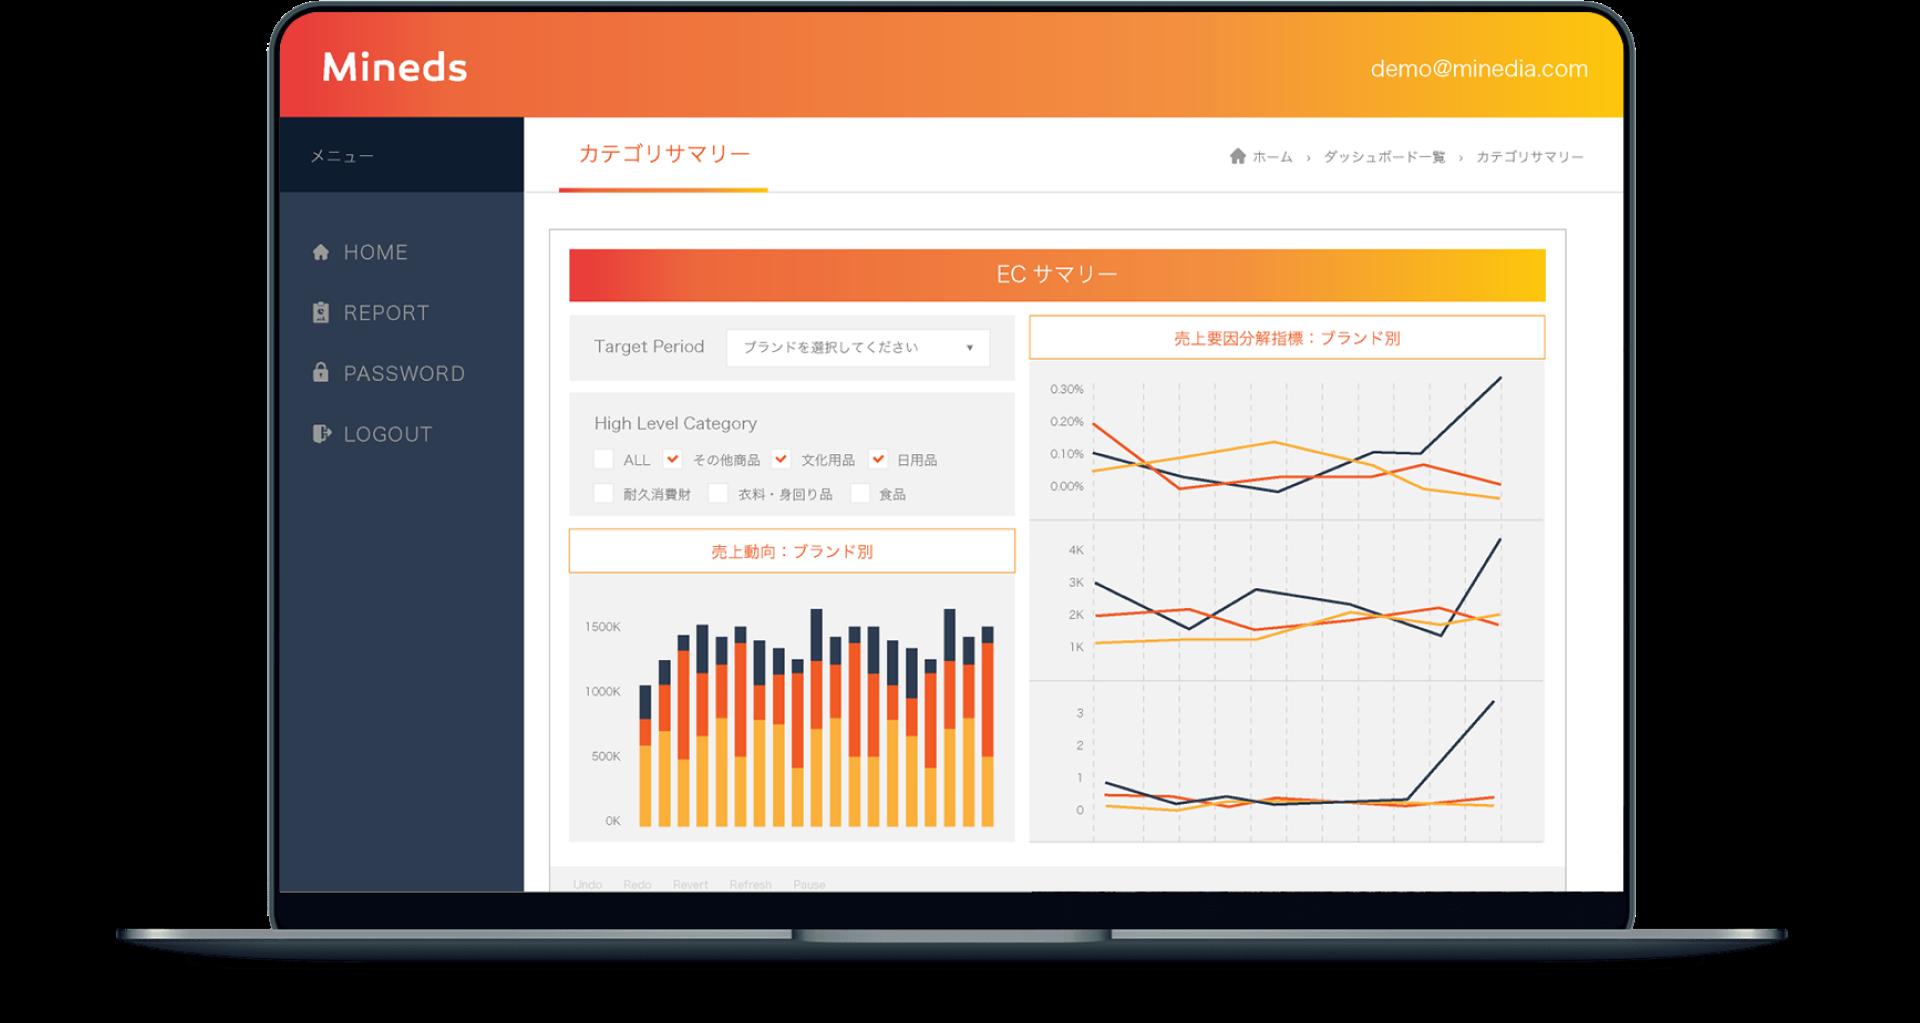 今までは見ることができなかった消費者のECモール上での購買行動データを可視化